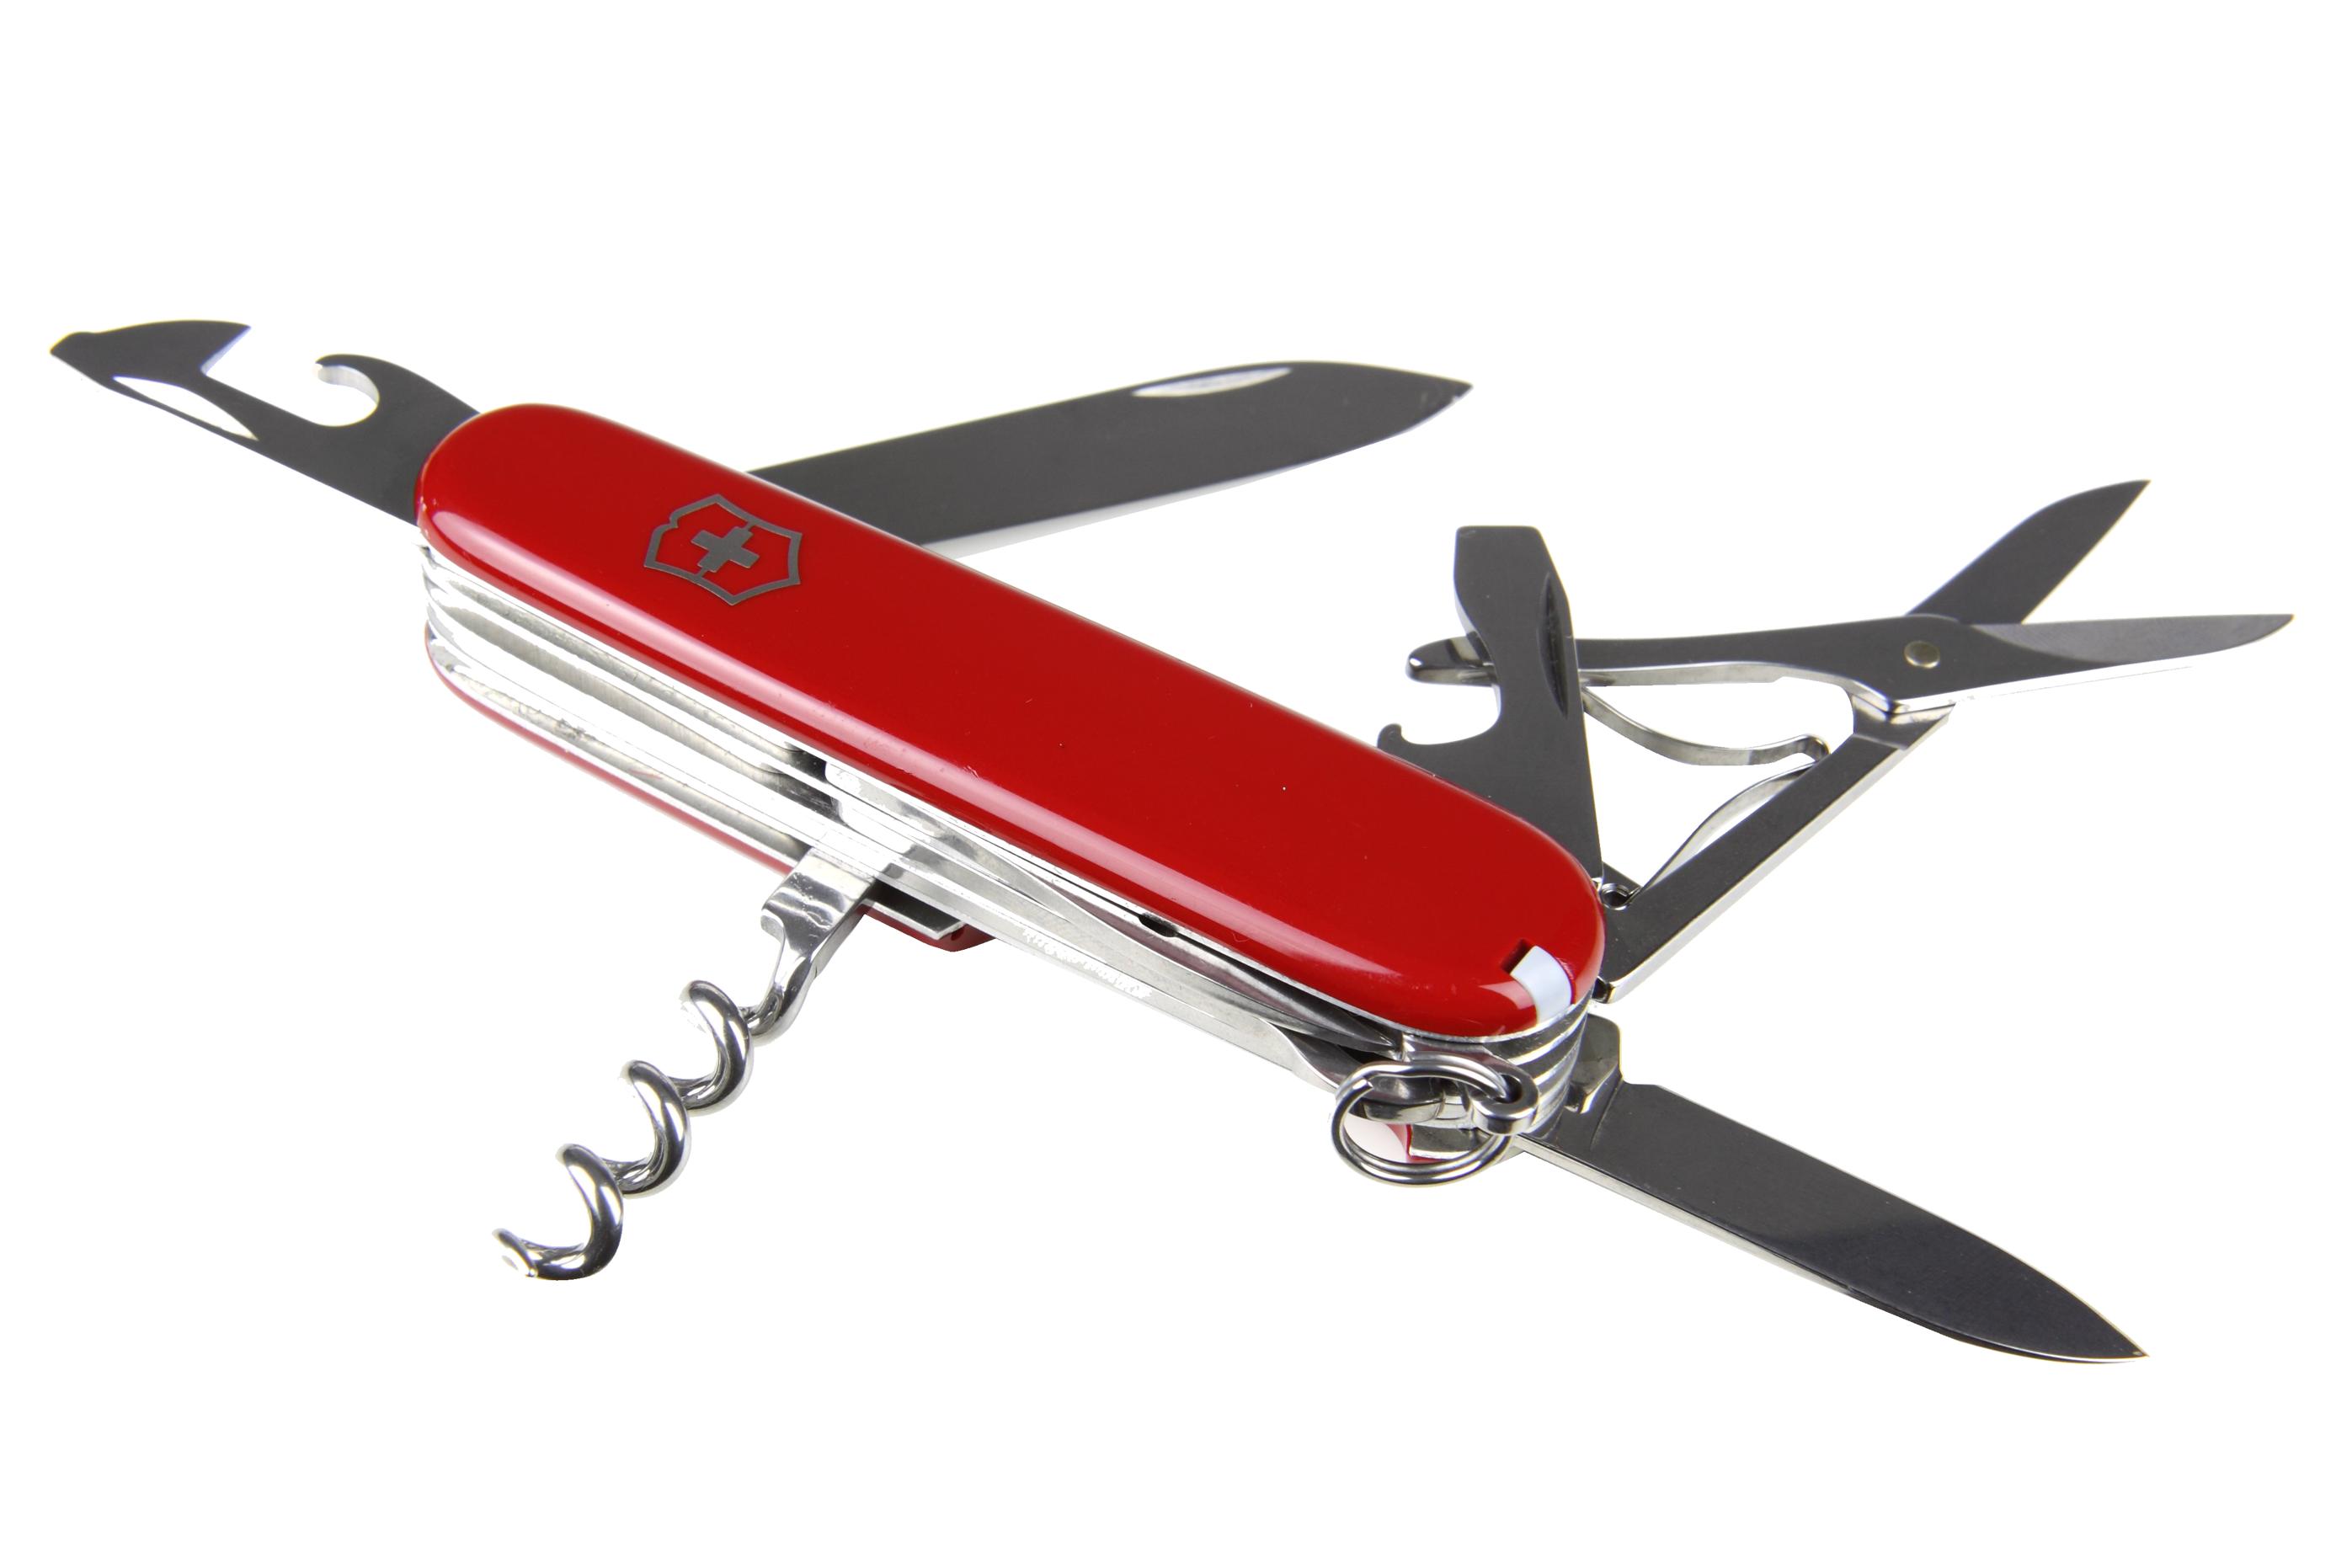 Knife clipart boning knife. Png transparent images all